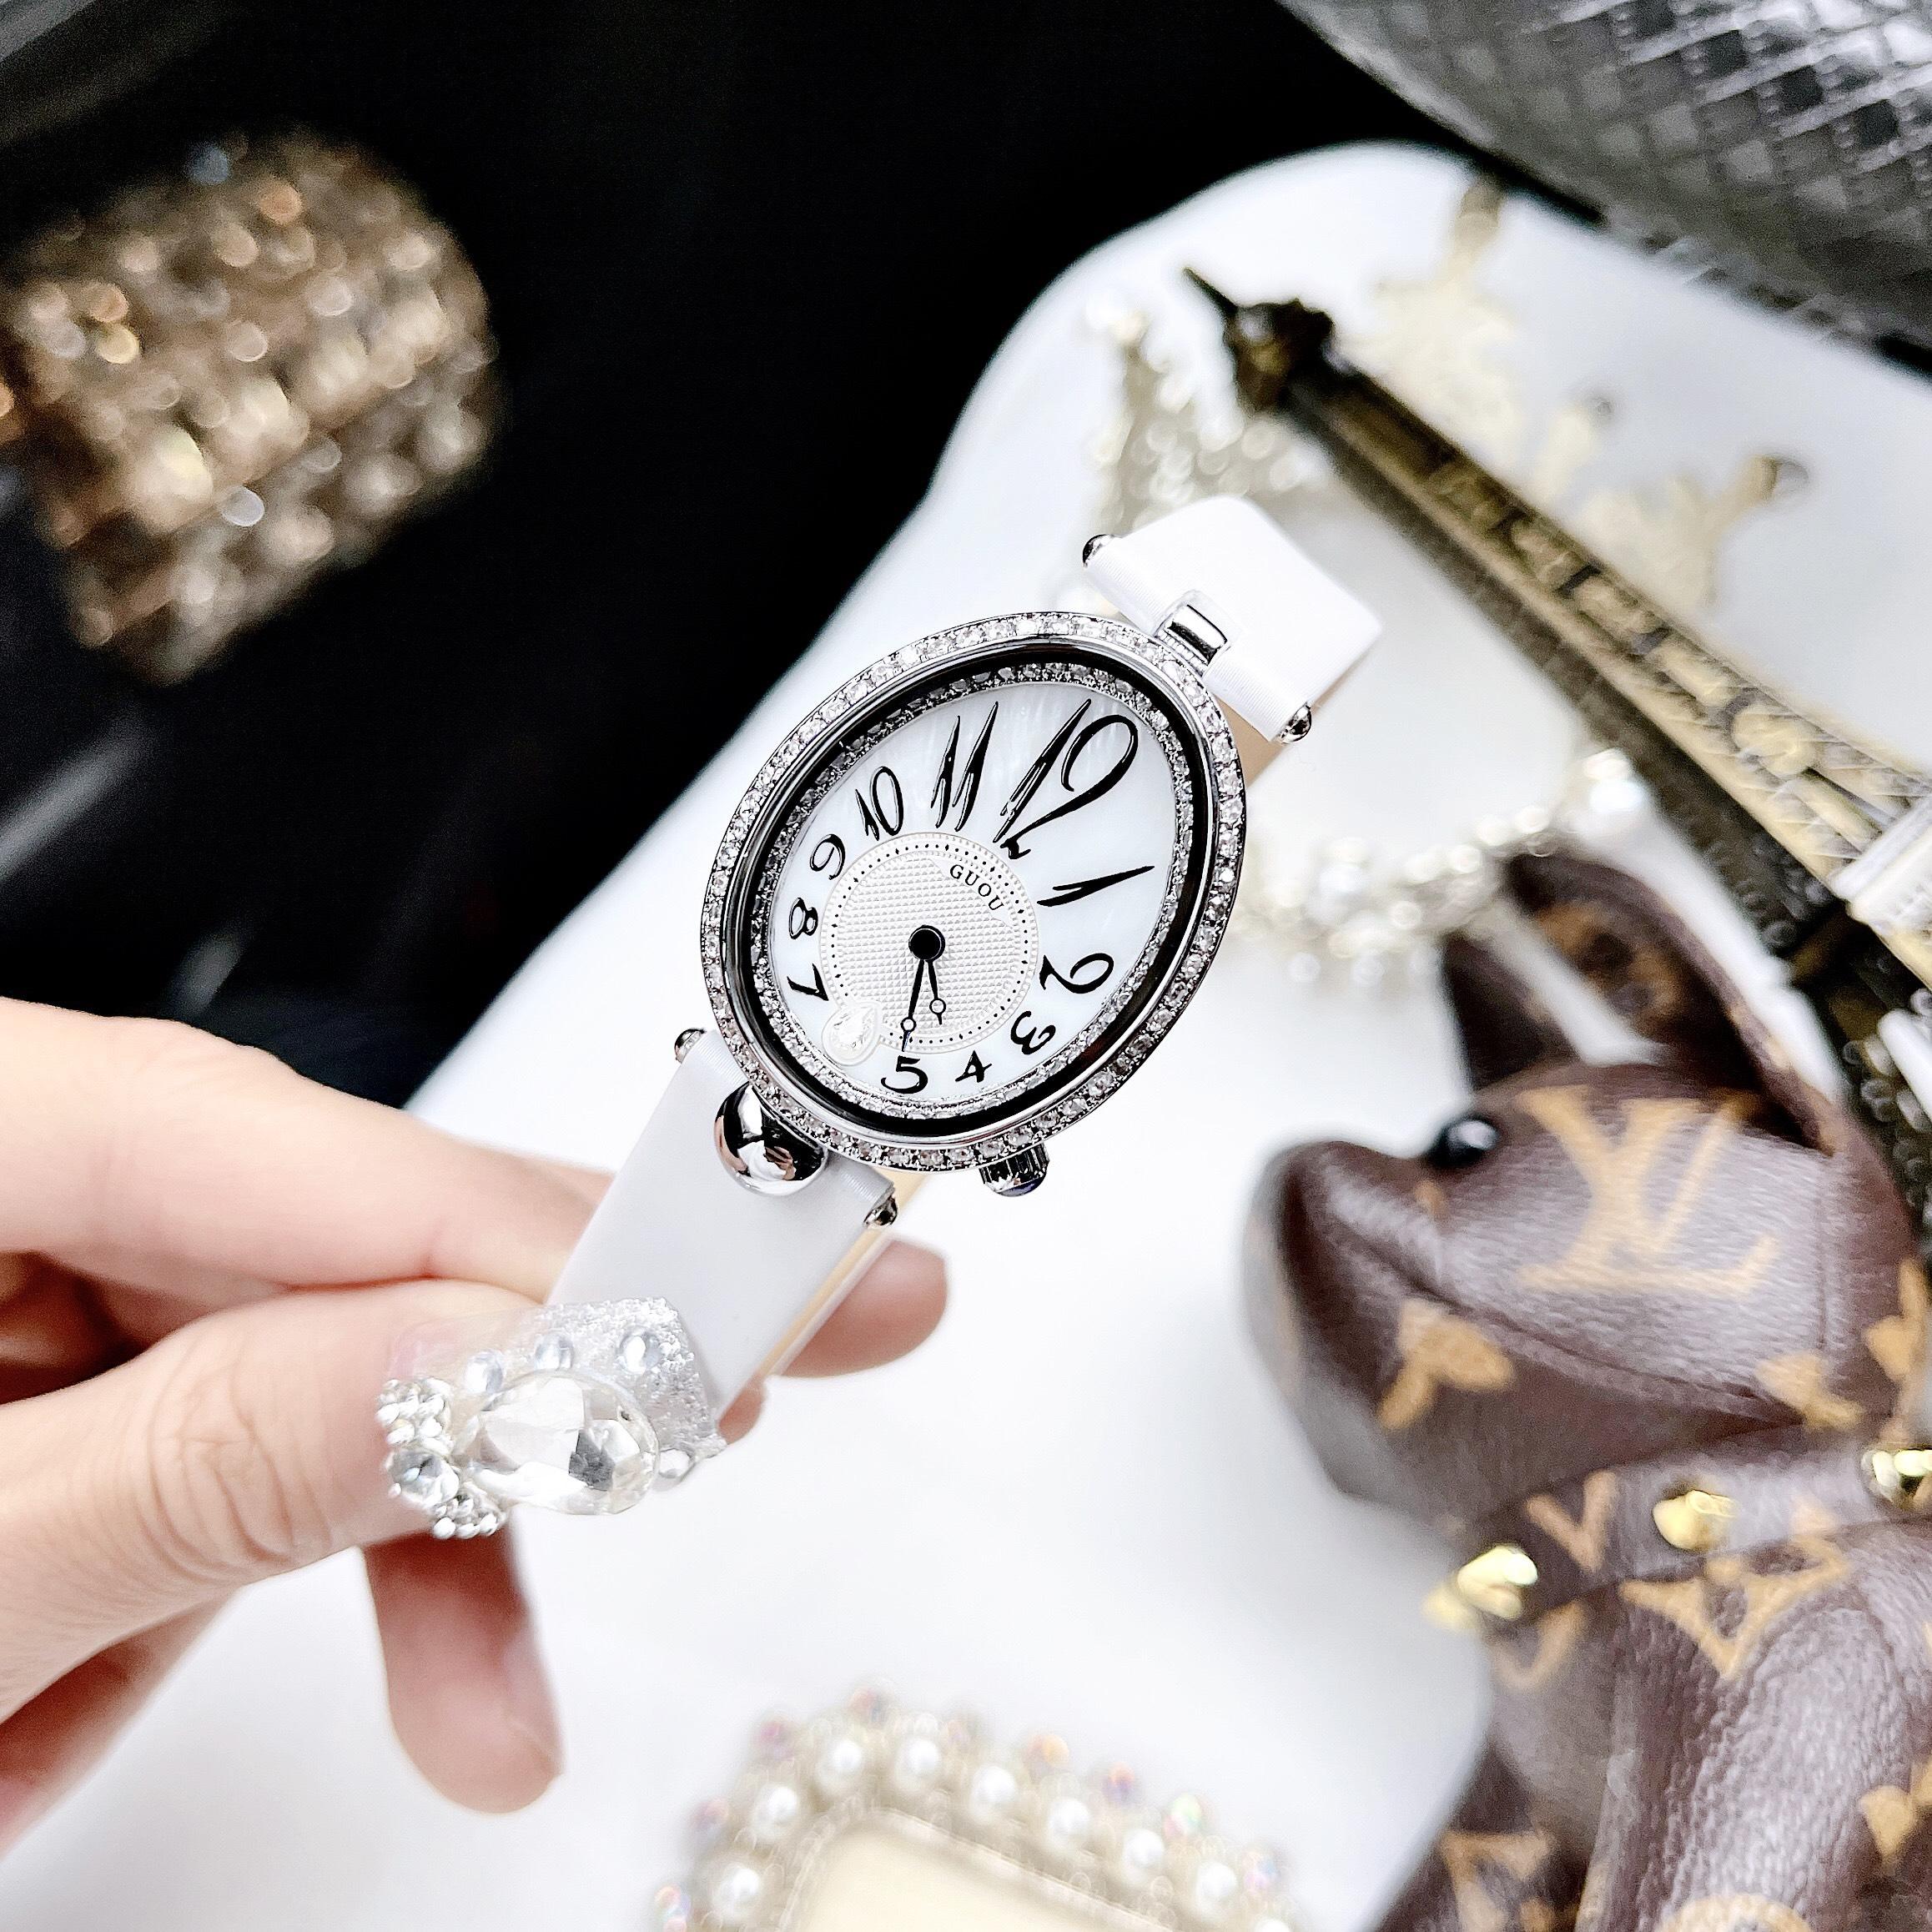 Đồng hồ hãng G.U.O.U dáng giọt nước